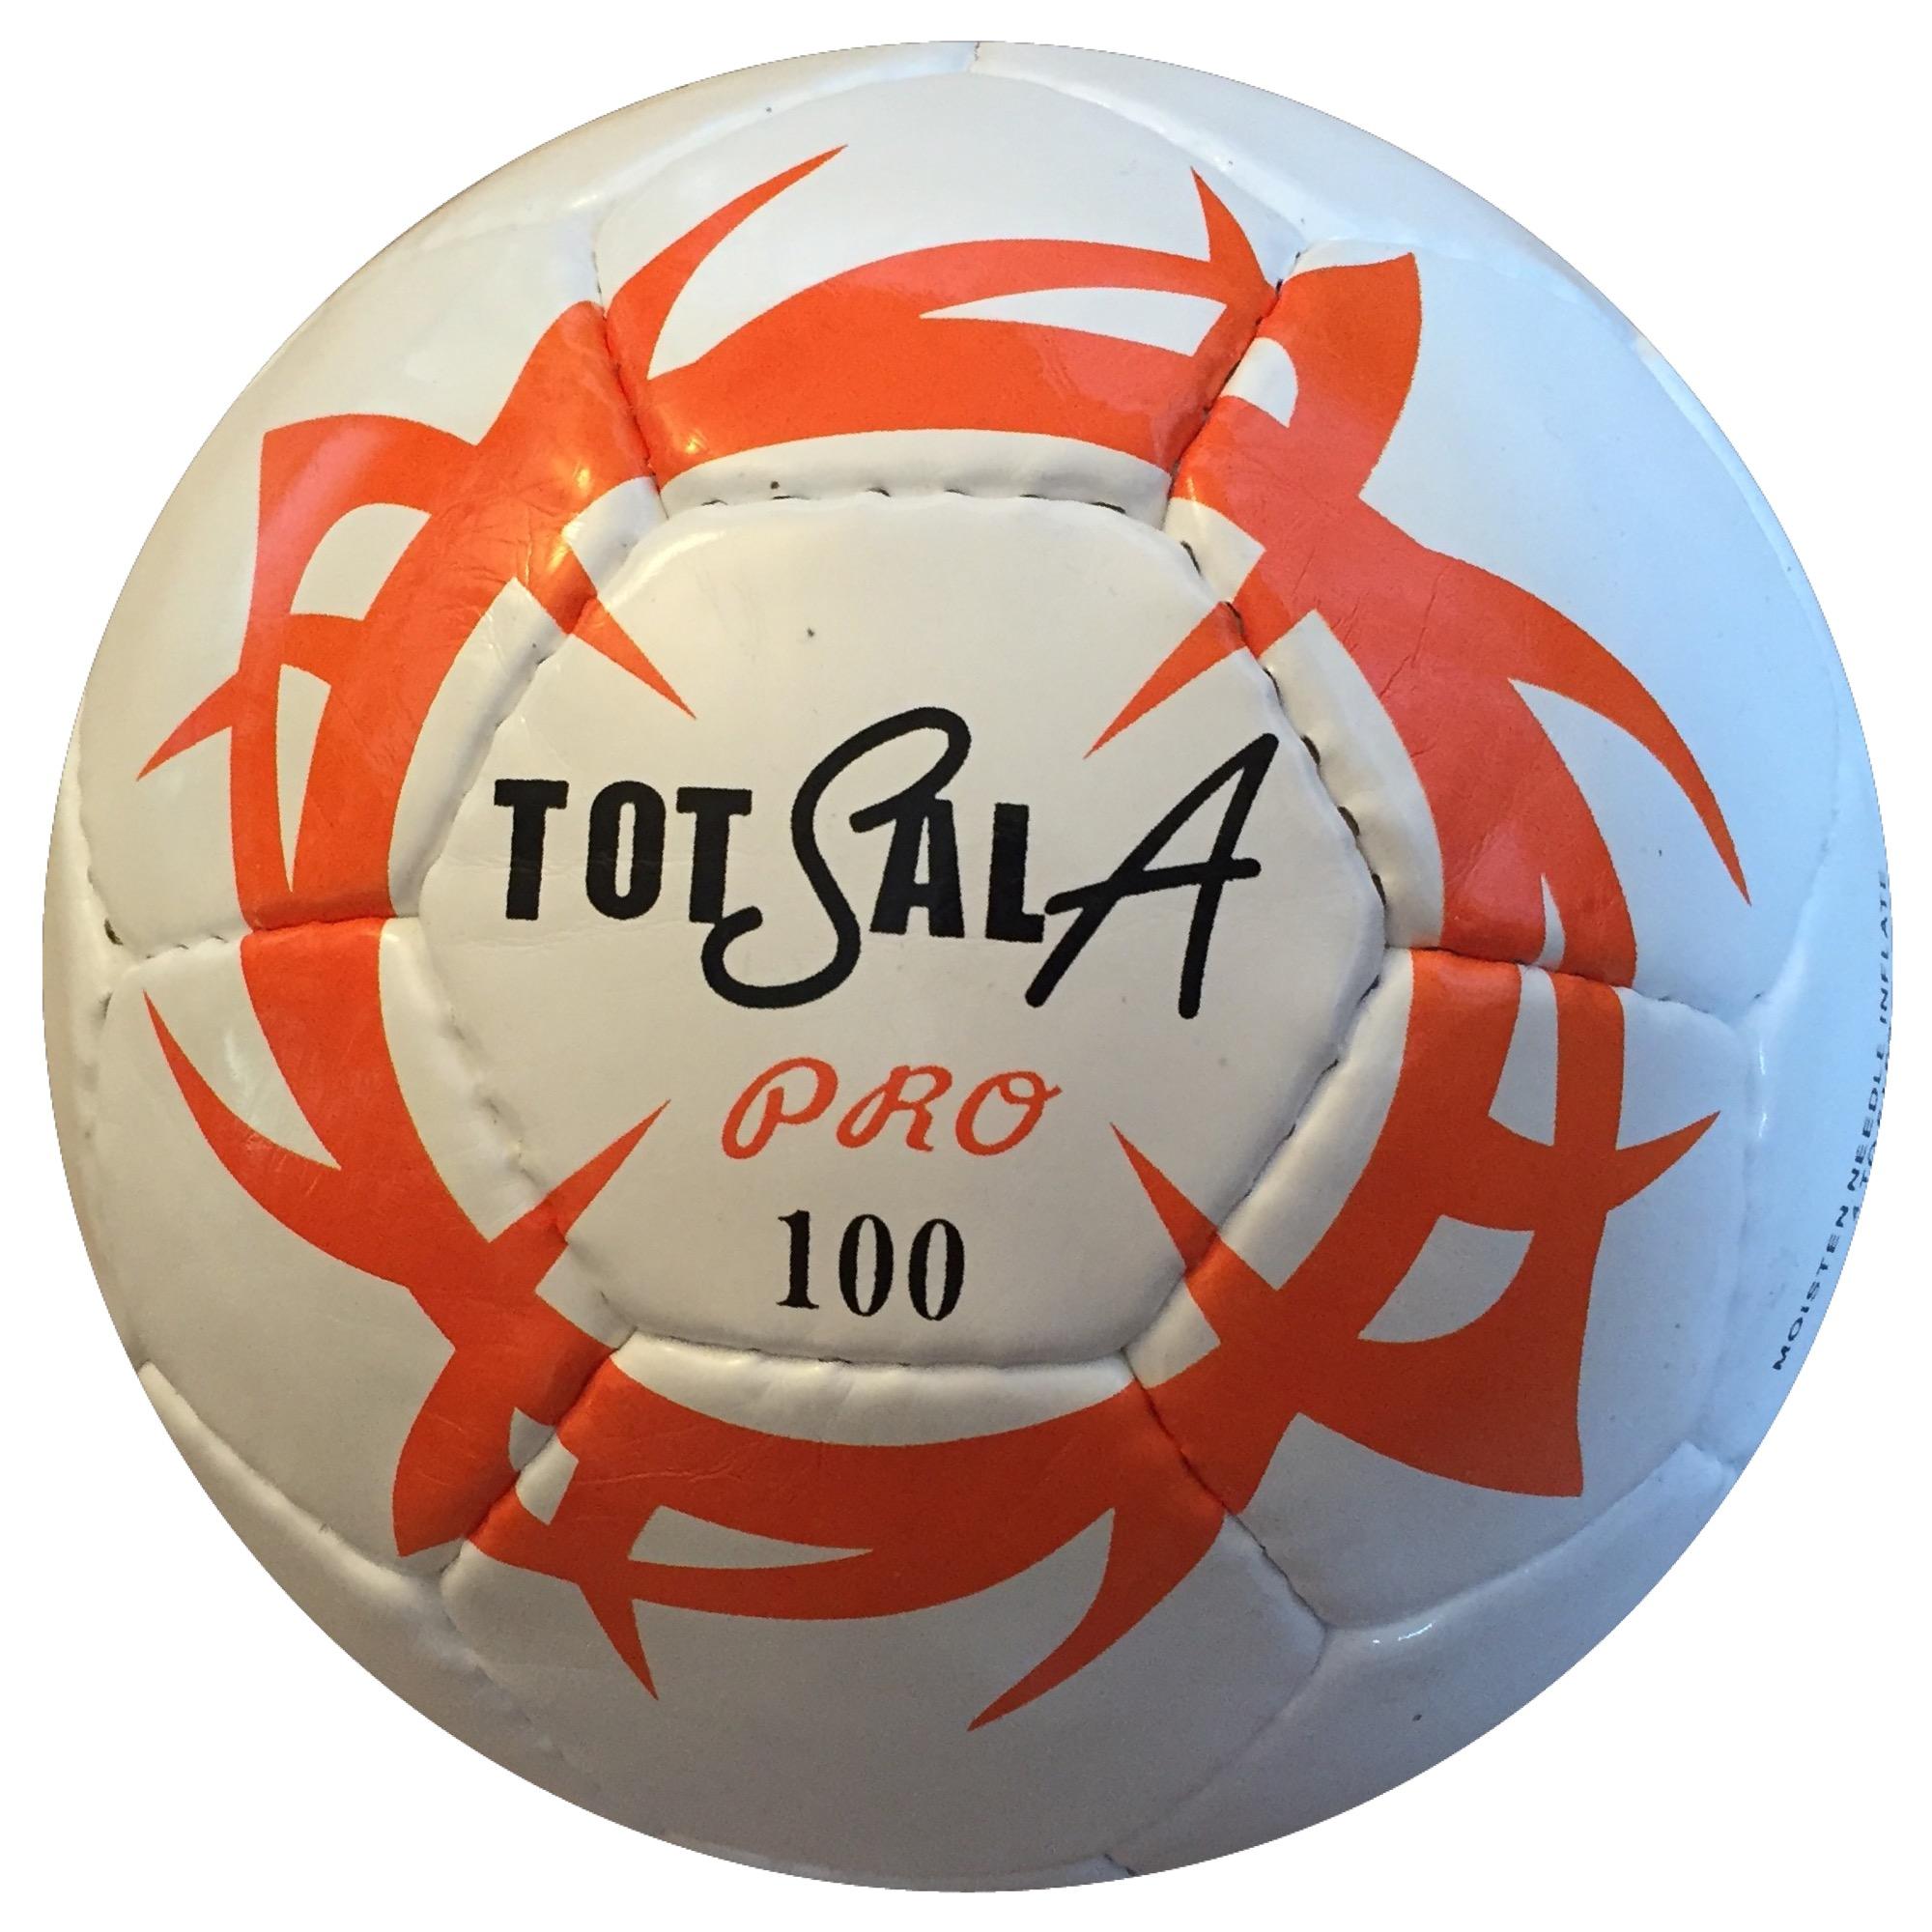 GFutsal TotalSala 100 Pro - Match Ball - Size 1